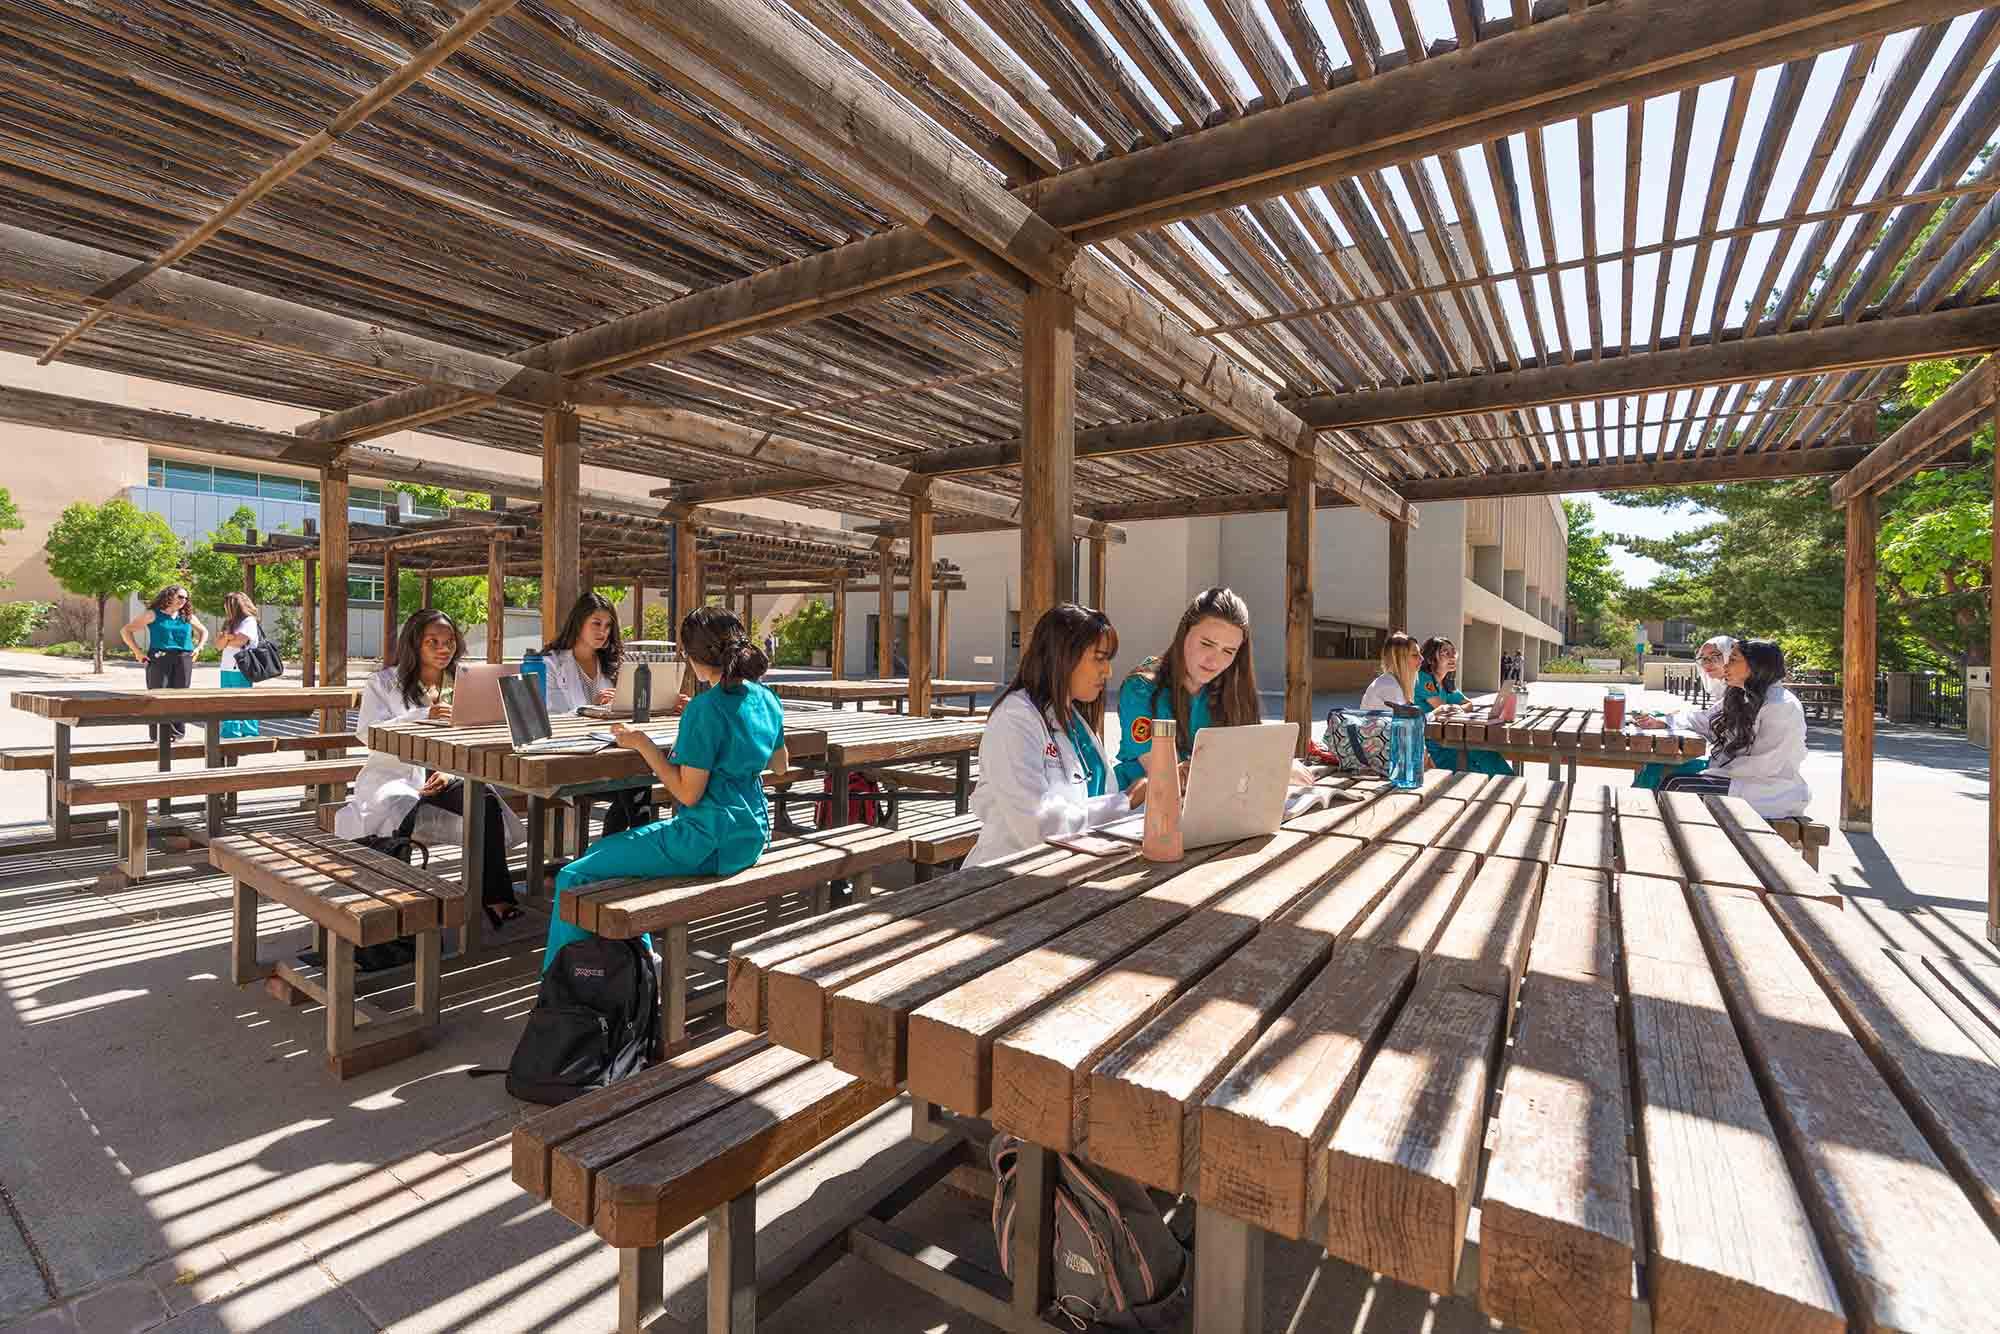 Estudiantes que estudian en mesas bajo pérgolas.